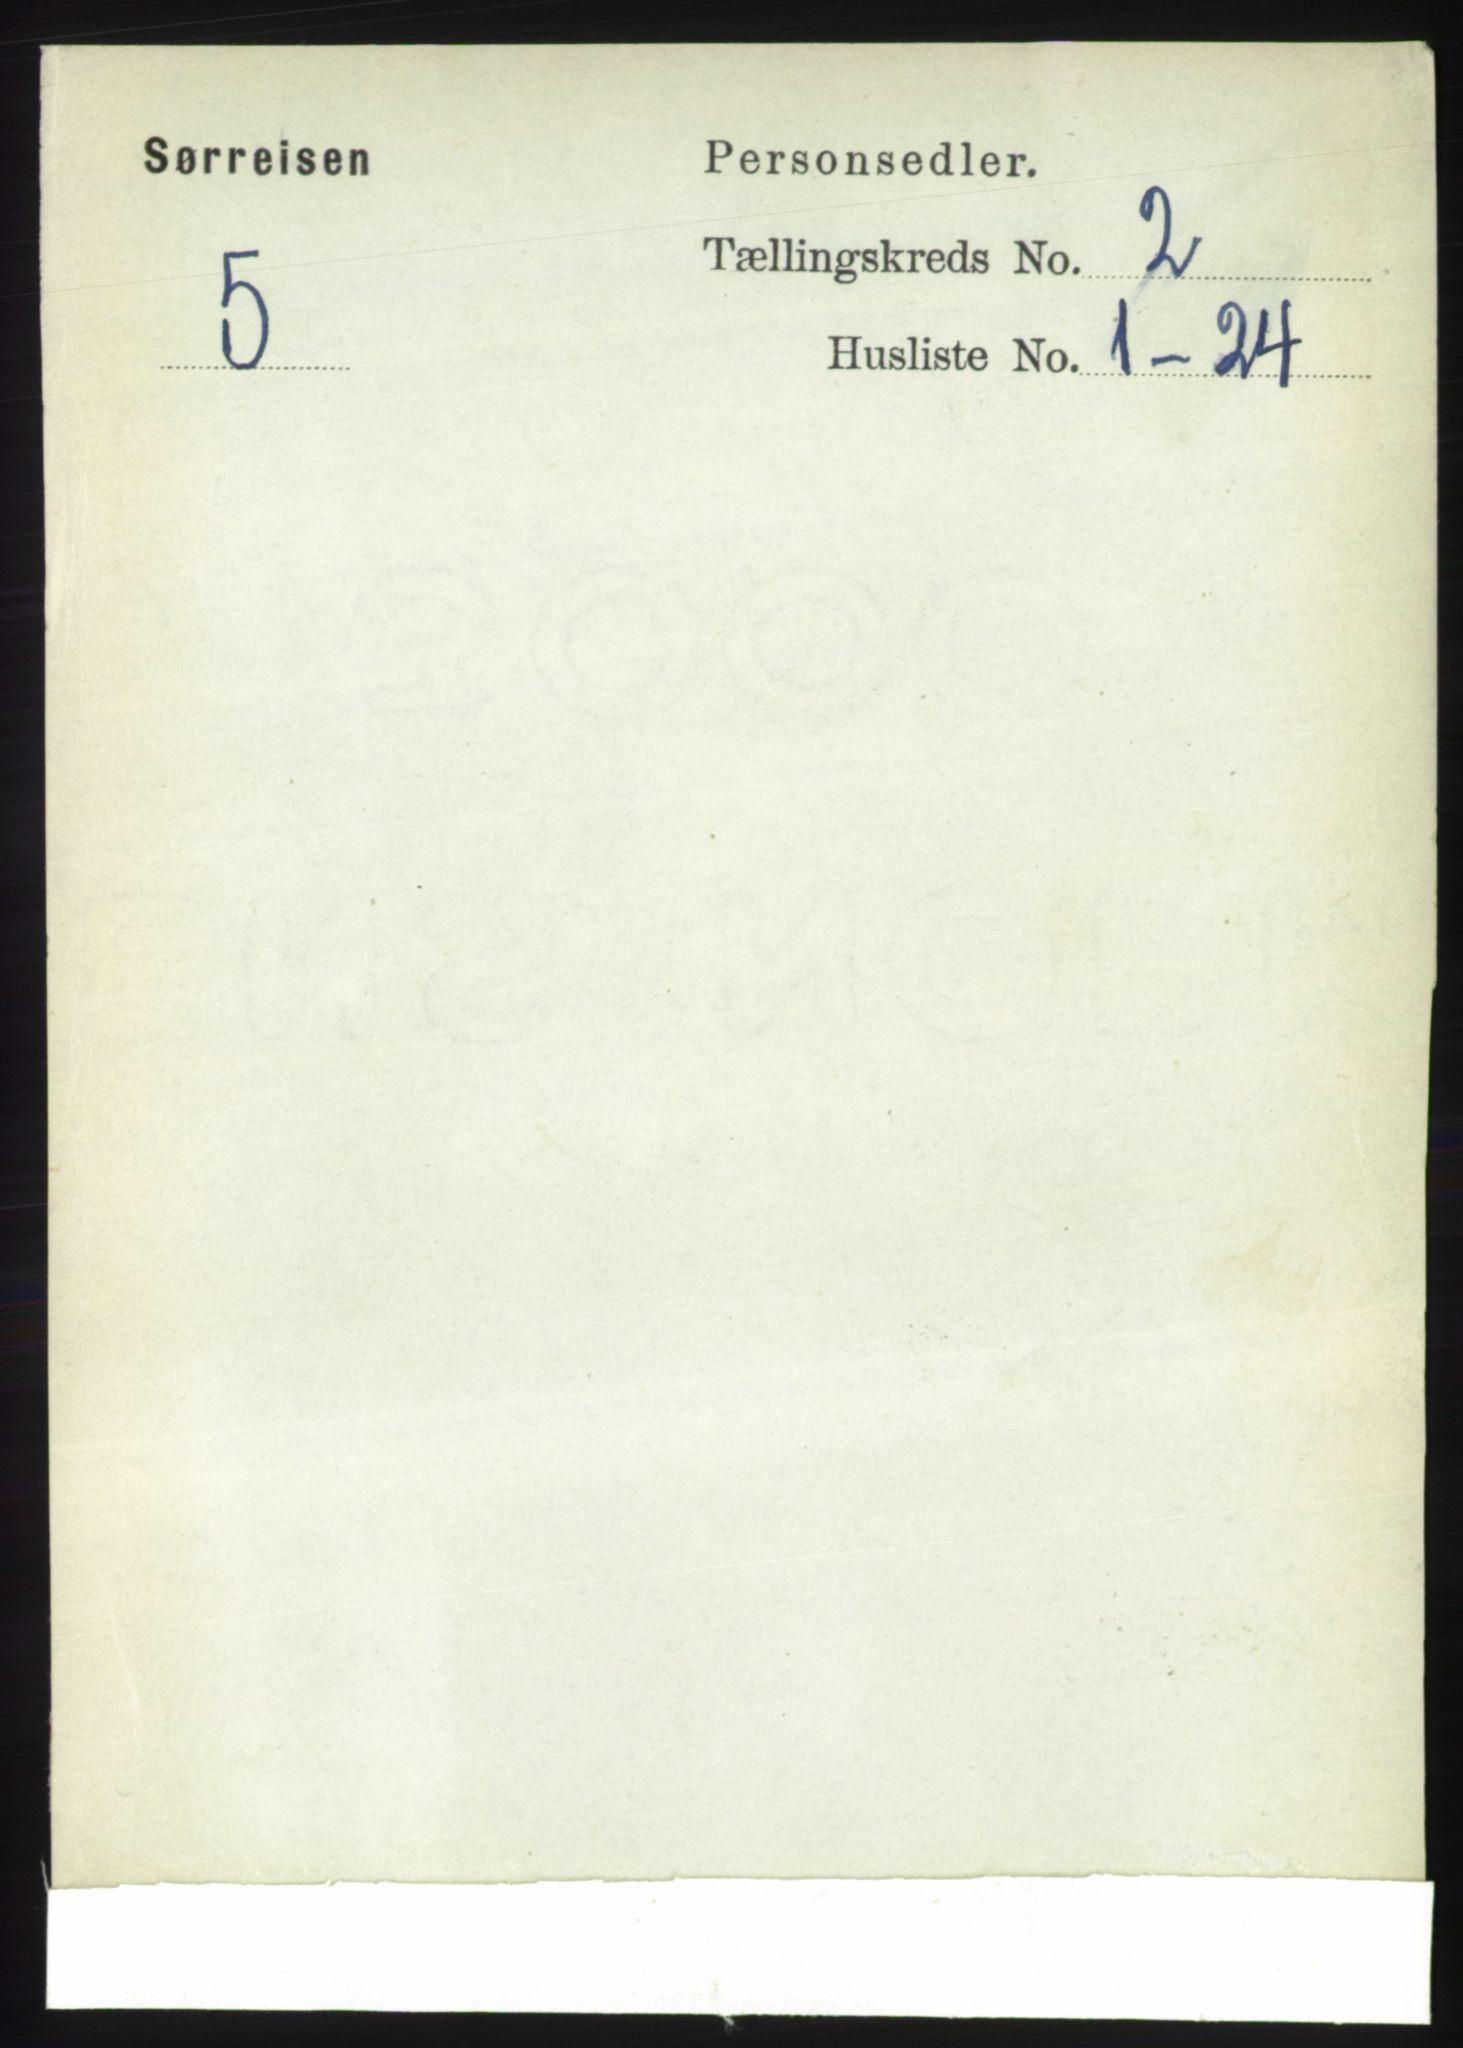 RA, Folketelling 1891 for 1925 Sørreisa herred, 1891, s. 376